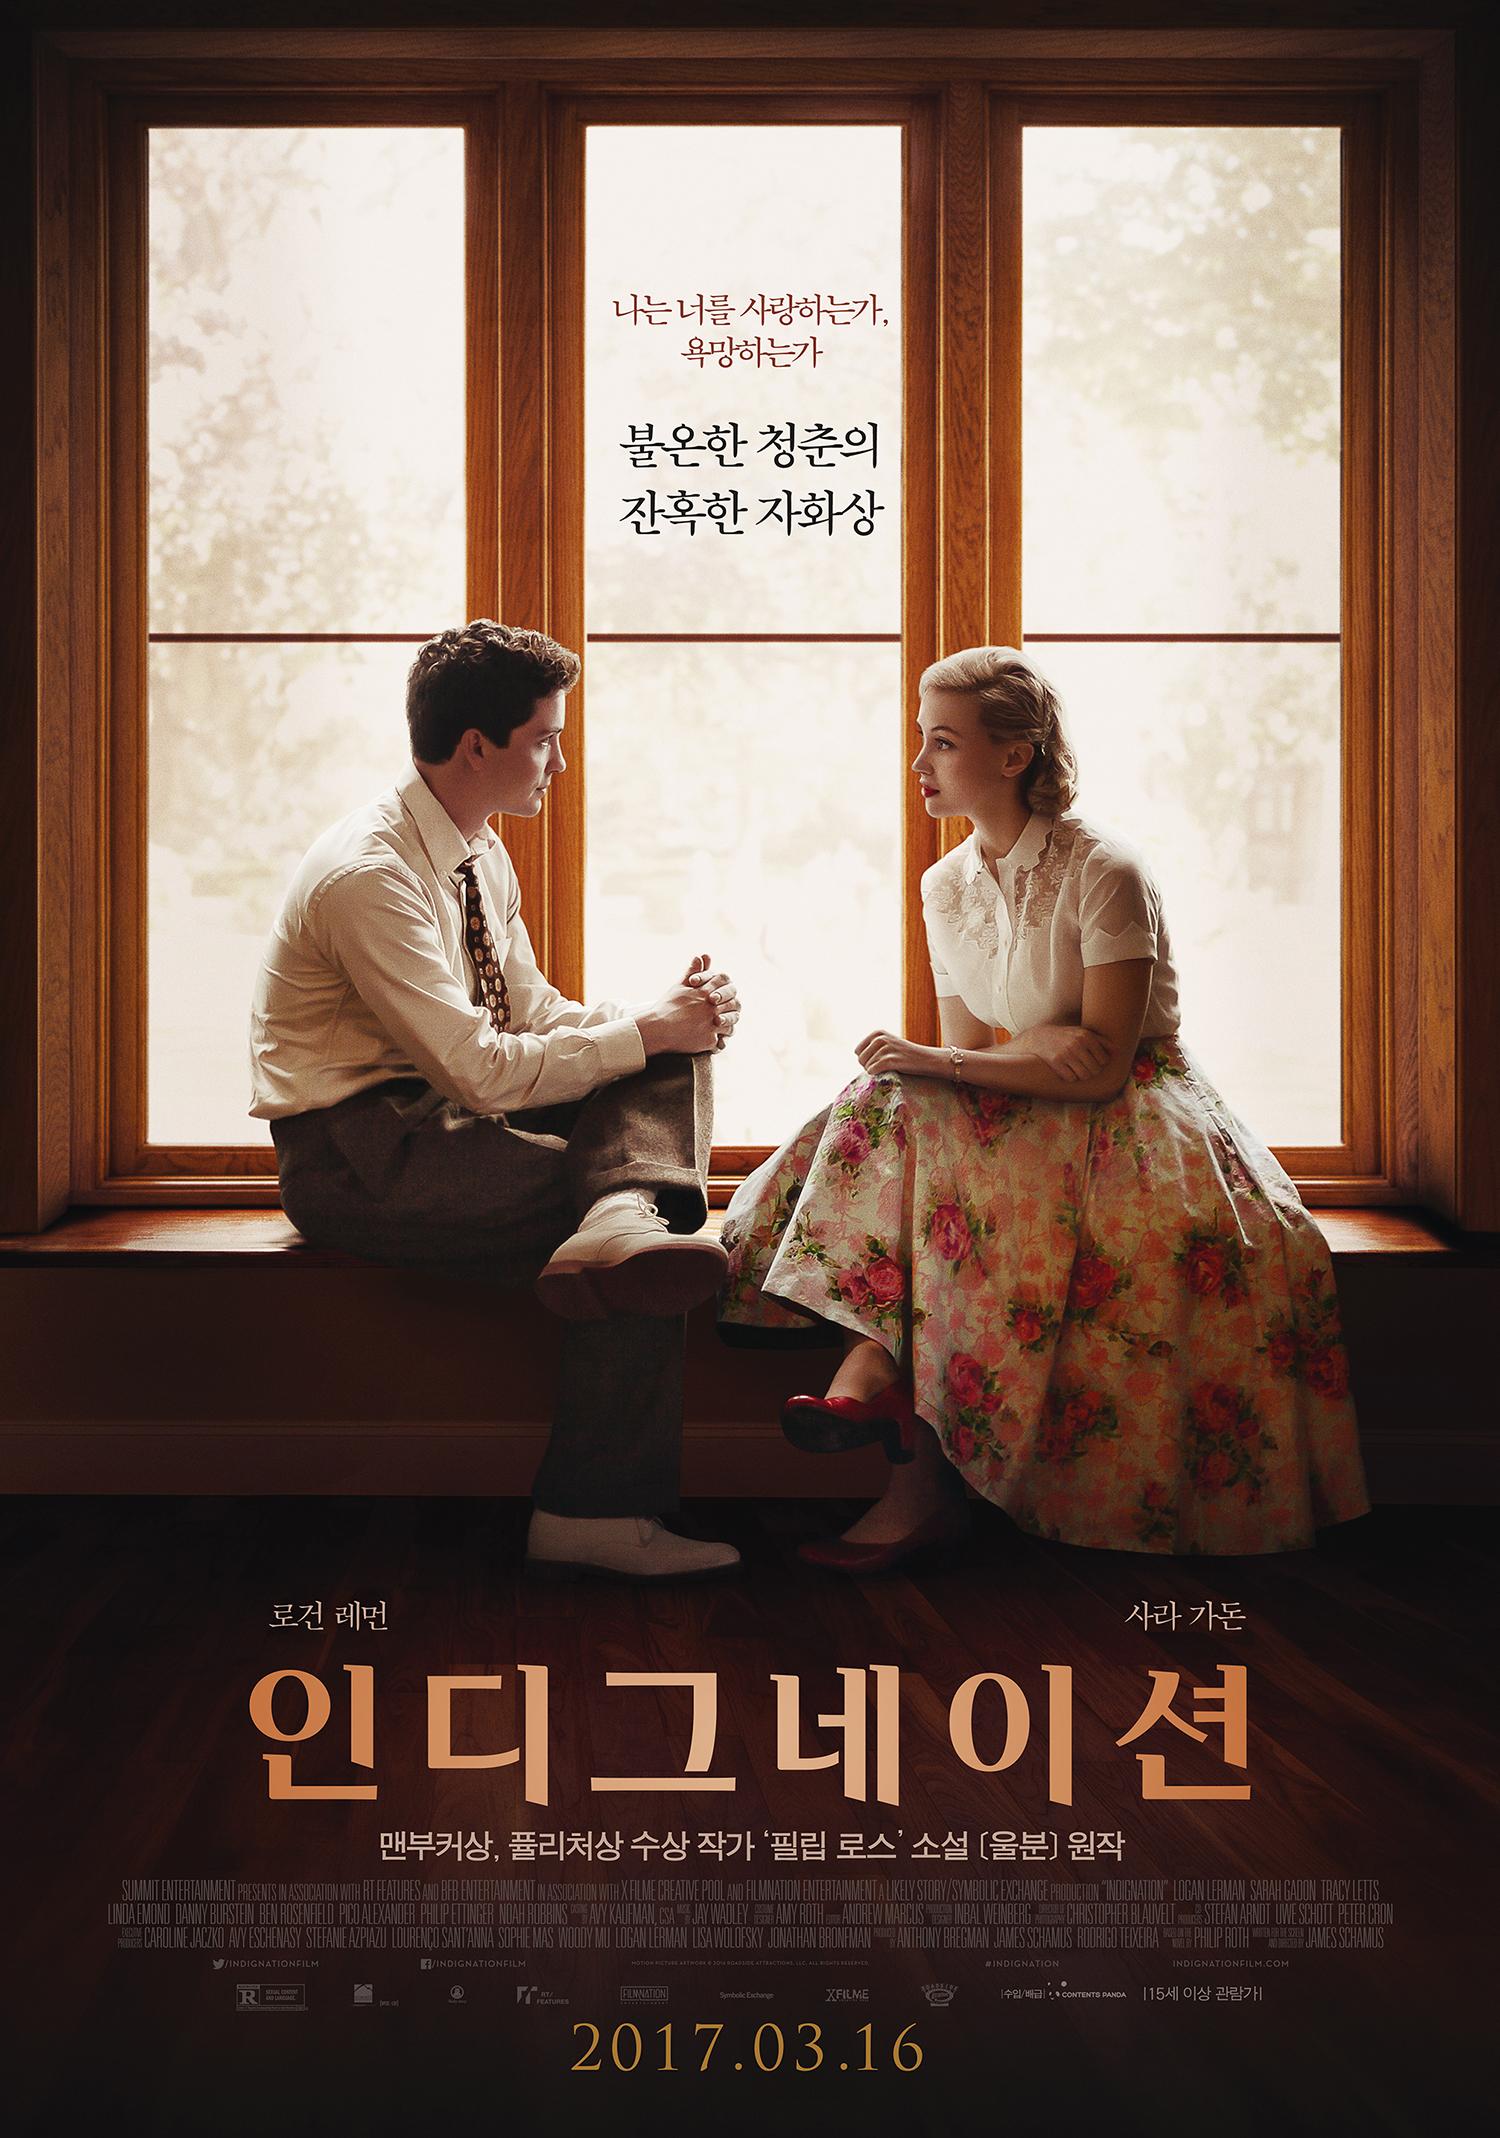 [영화종합] 엠마 왓슨부터 로건 레먼까지, '봄날의 3色 로맨스 영화'